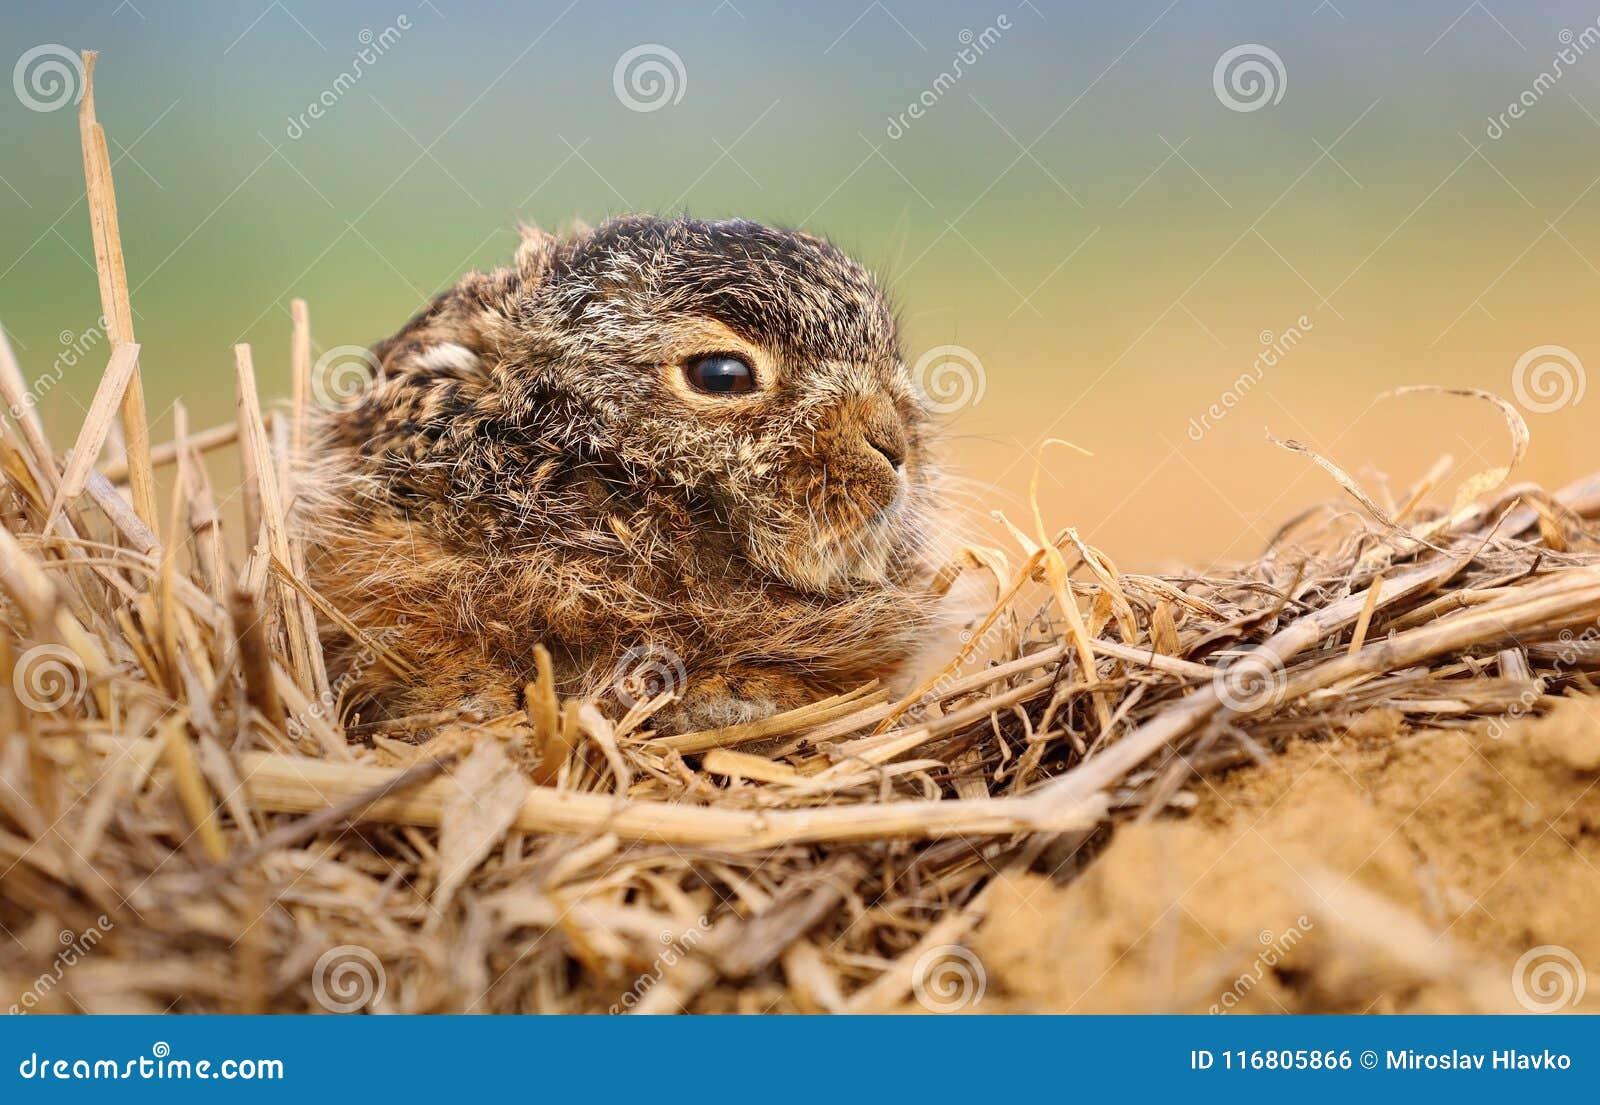 Lepre adorabile del bambino nel campo